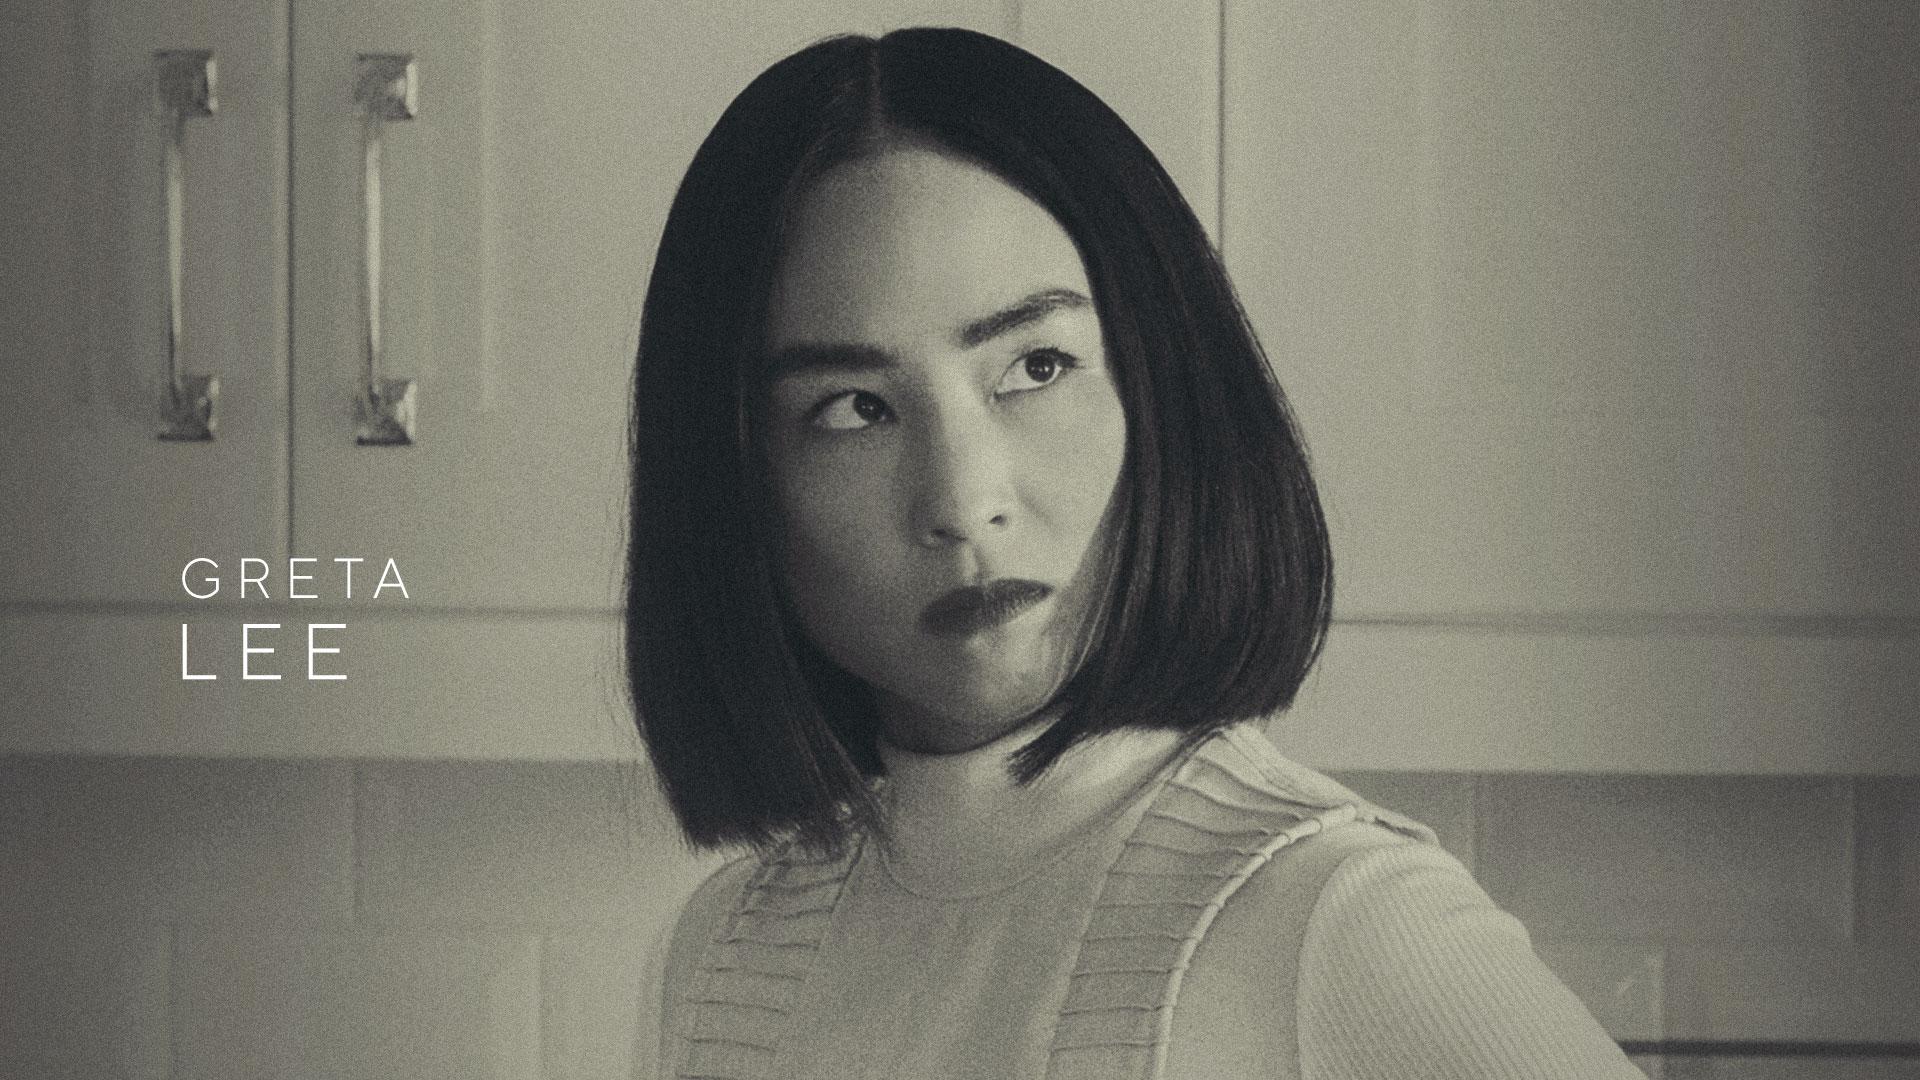 Greta Lee as Mrs. Jones in